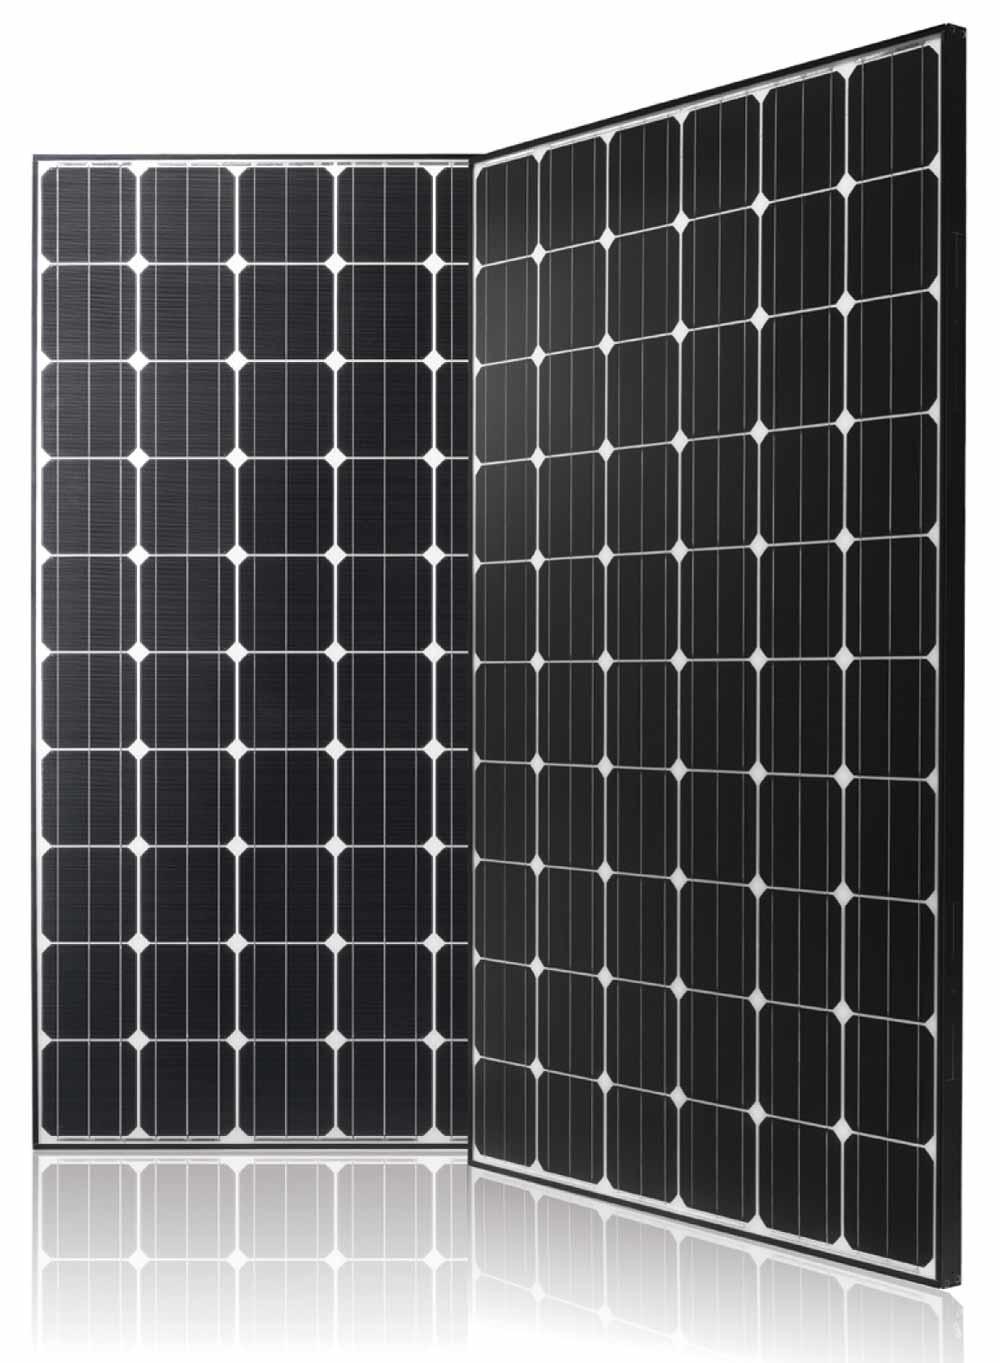 Lg 265 Watt Mono X Solar Panel